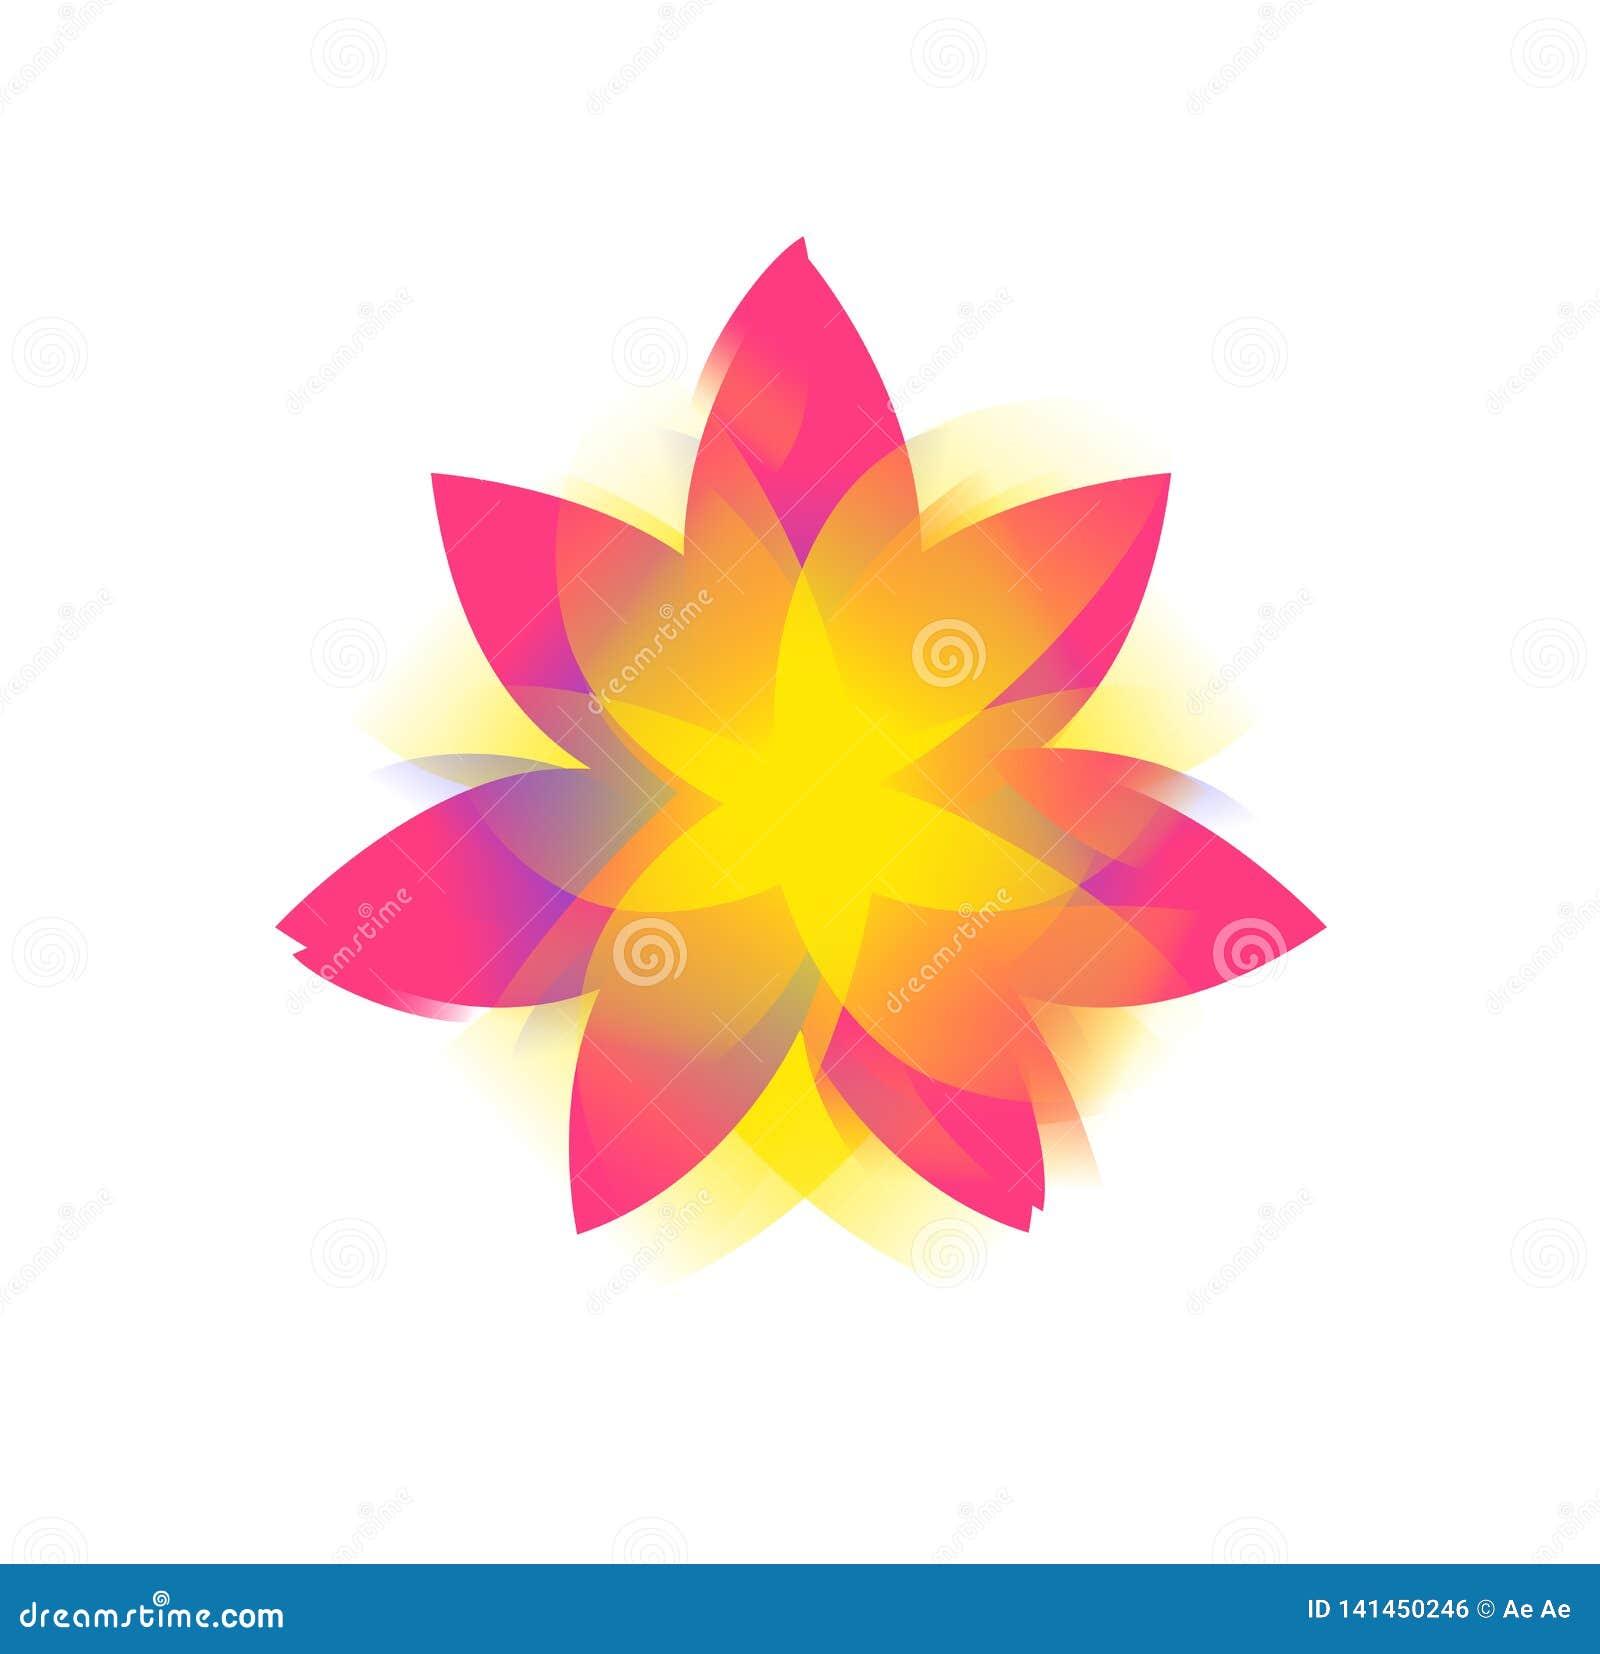 Λουλούδι Lotus, λογότυπο, σημάδι Διανυσματικό επίπεδο εικονίδιο λουλουδιών Εικόνα Minimalistic σε ένα απομονωμένο υπόβαθρο Lotus